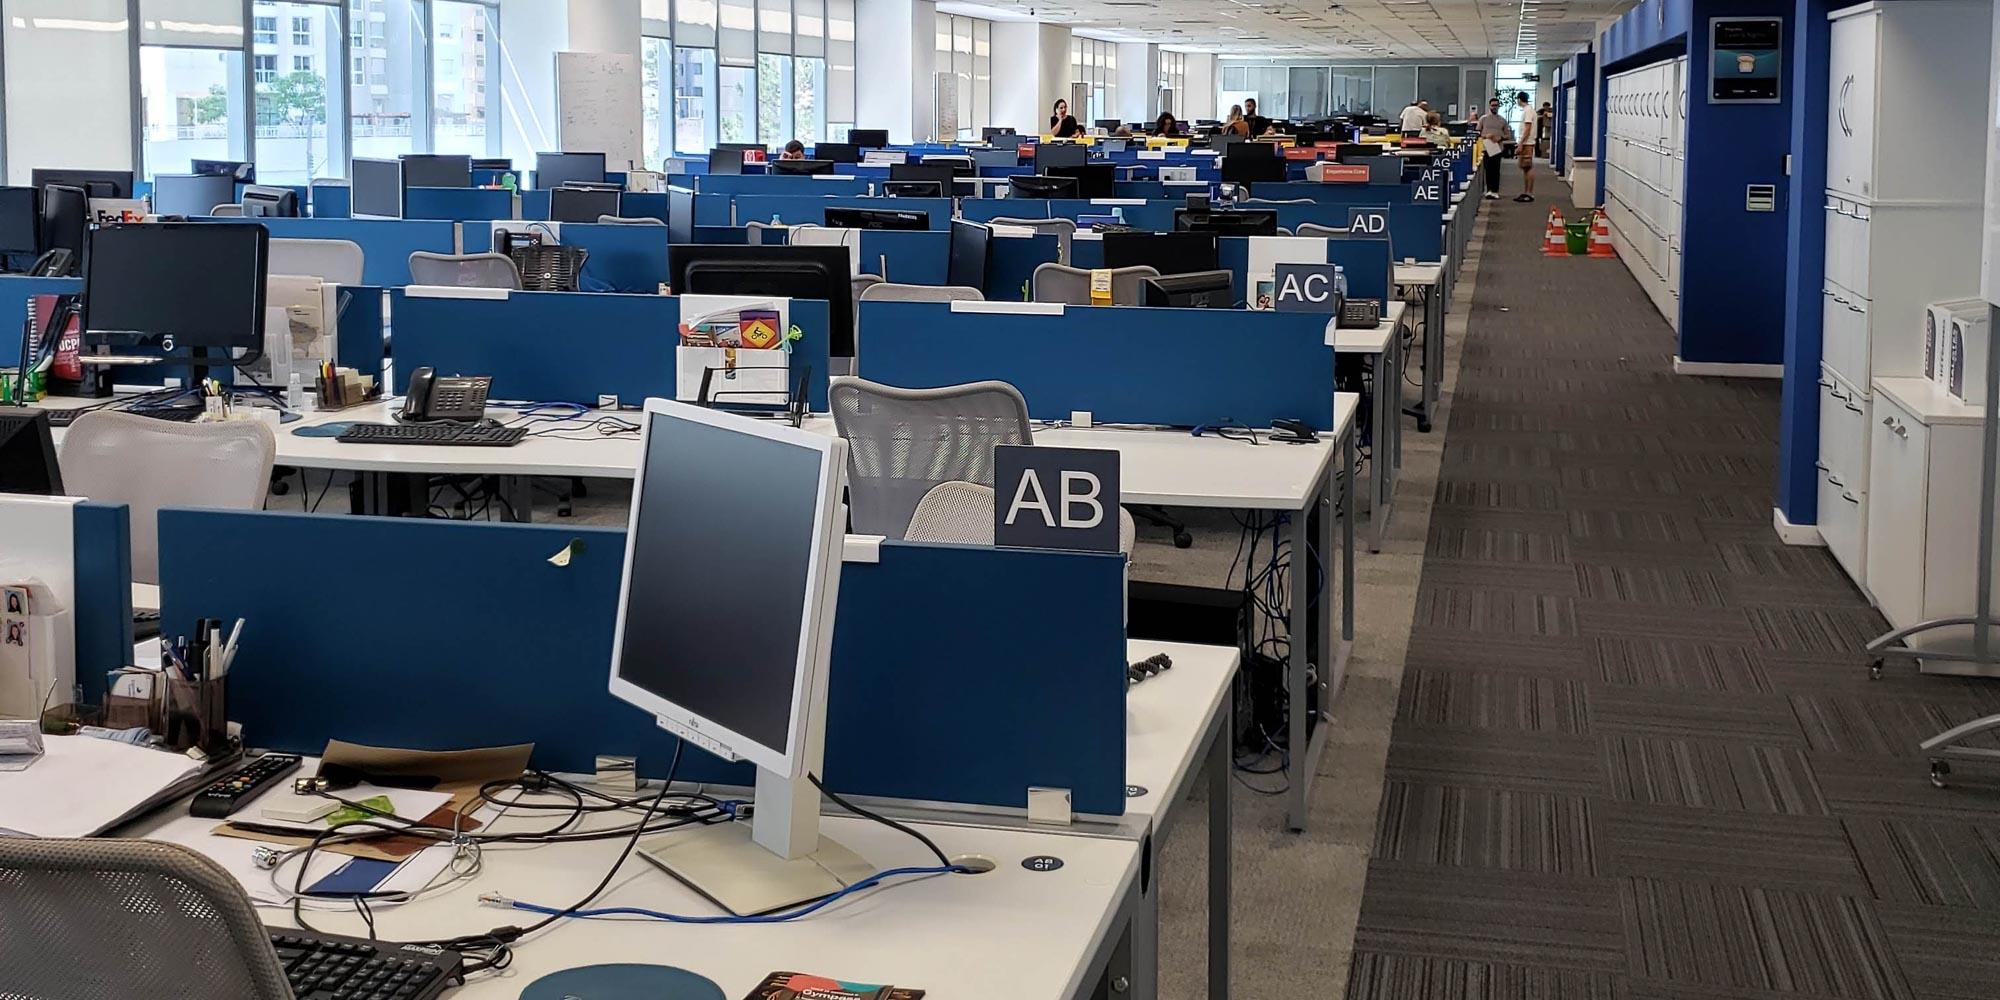 computers on desks